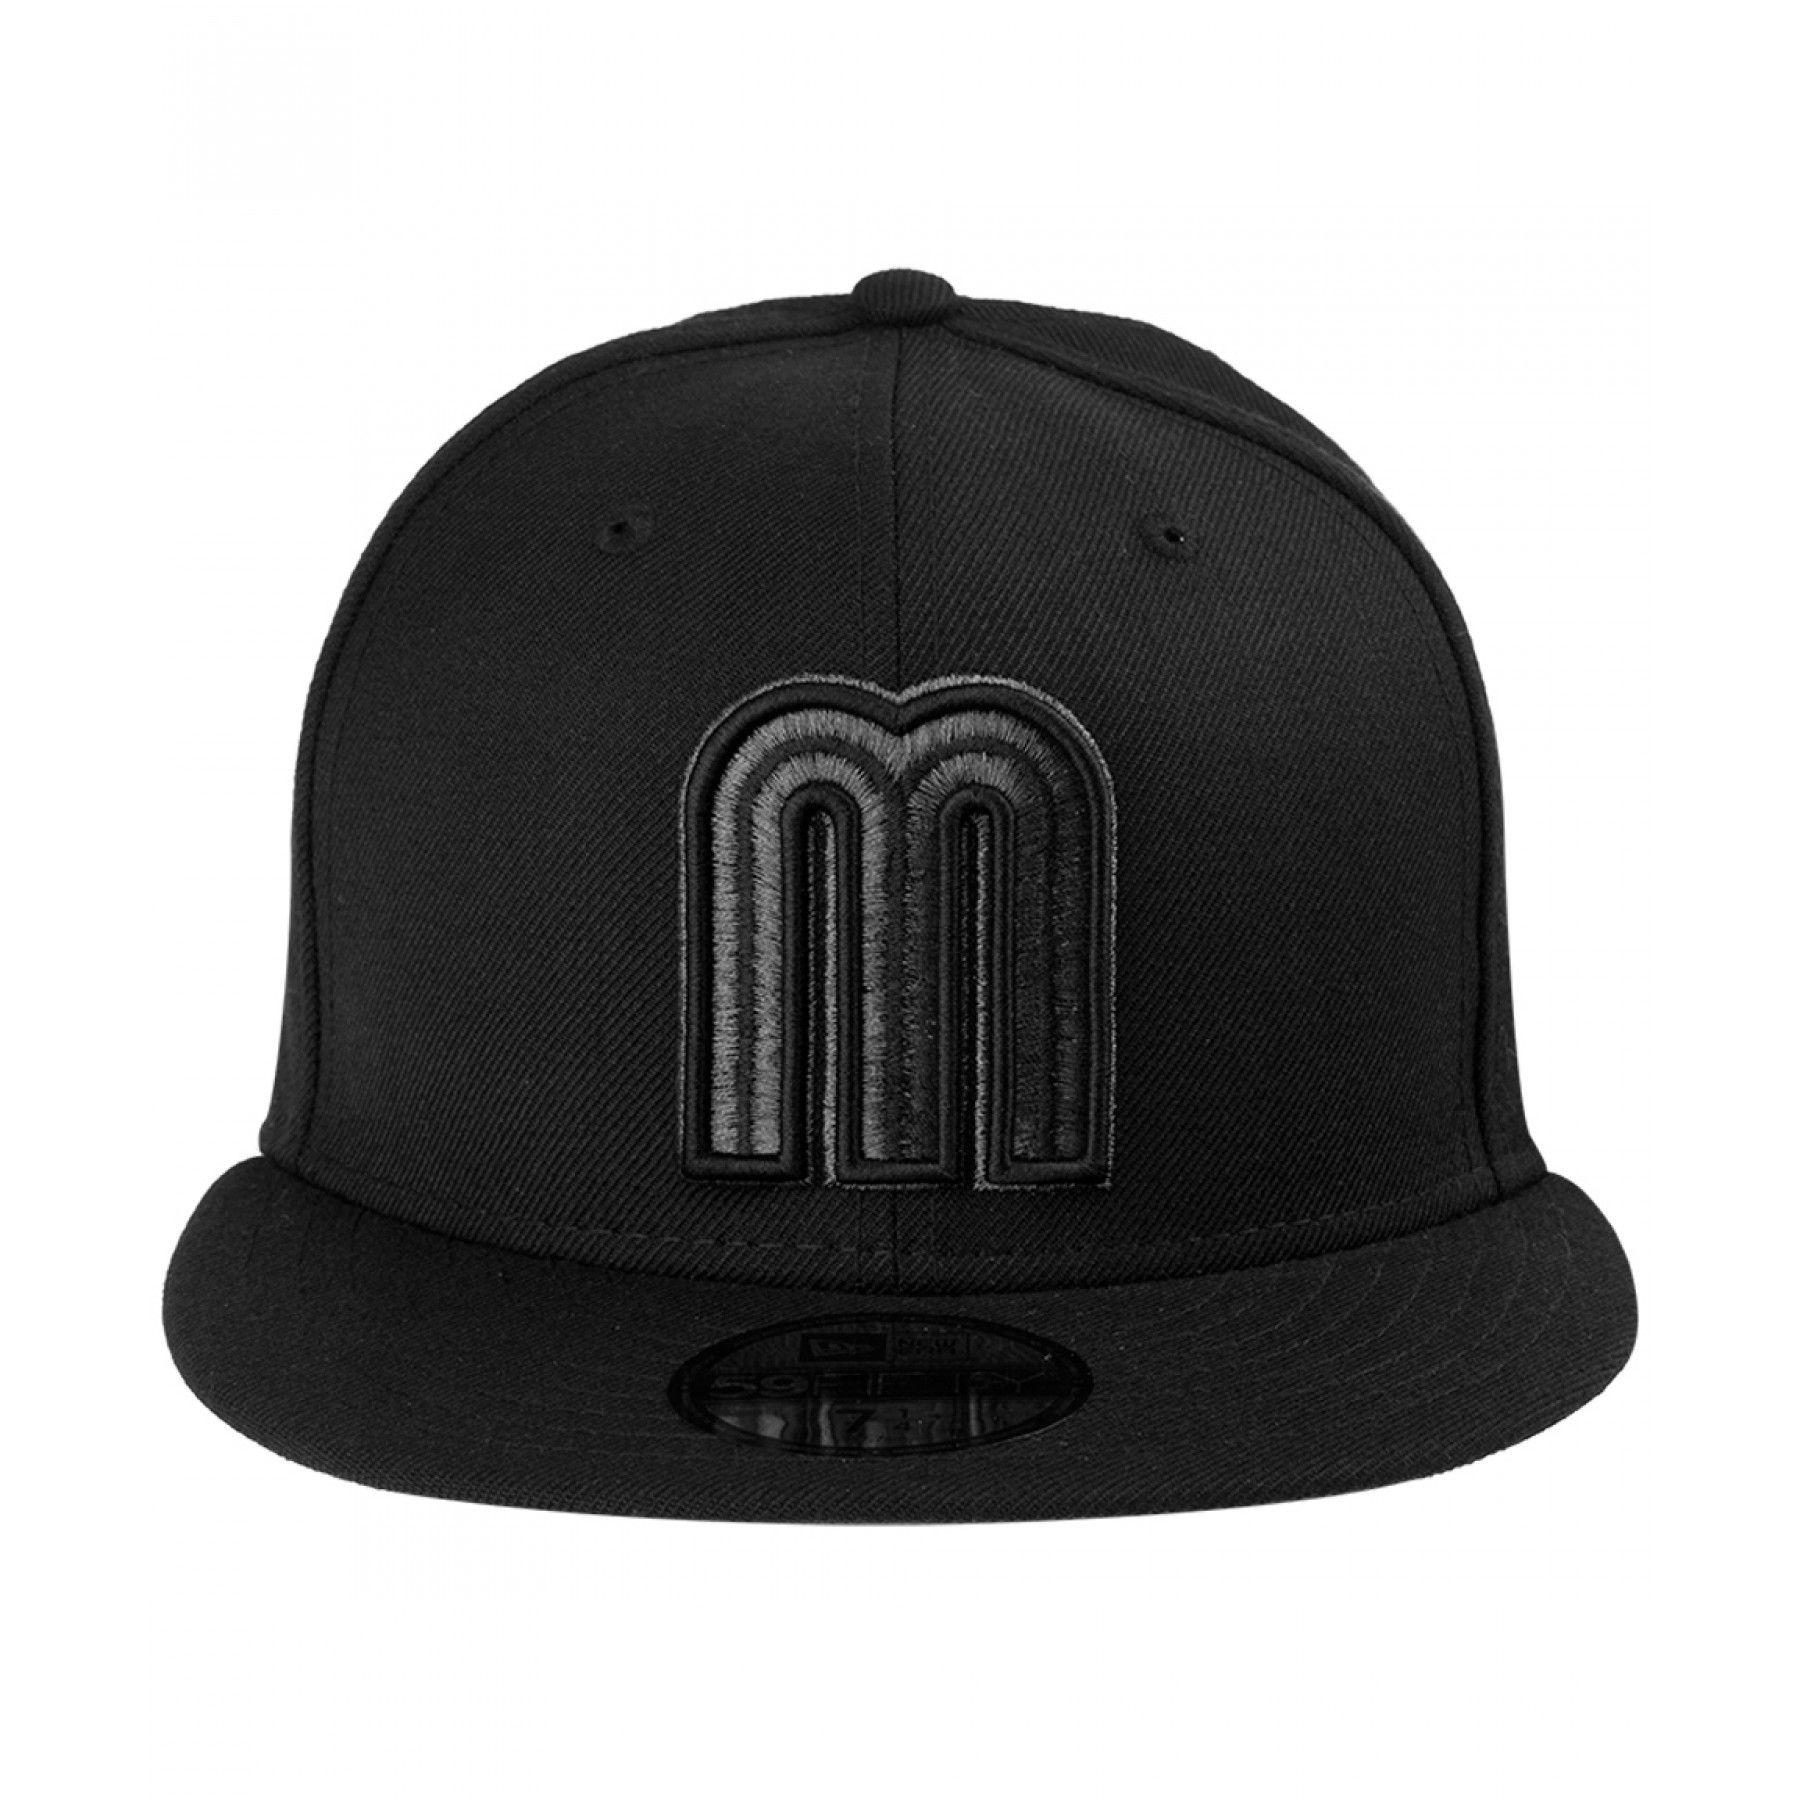 Gorra New Era para hombre en tejido de punto color negro con diseño alusivo  al clásico fbffc4bdd15